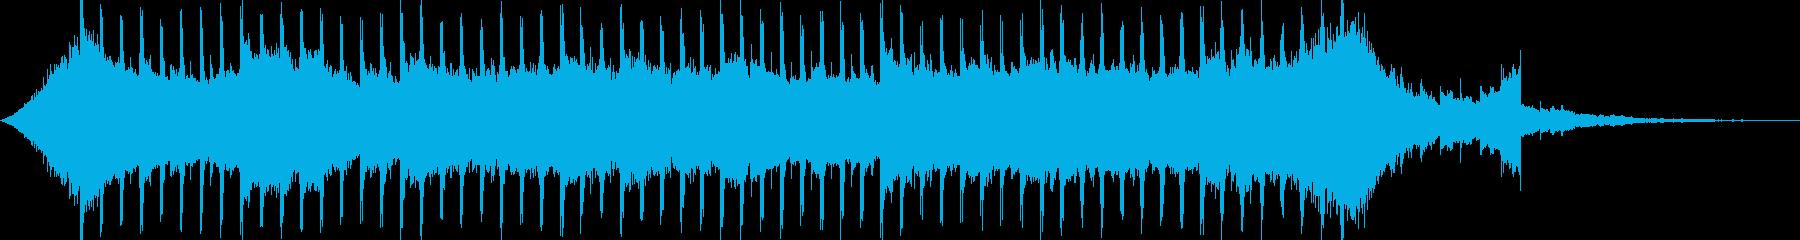 企業VP系29、爽やかギター4つ打ち8cの再生済みの波形